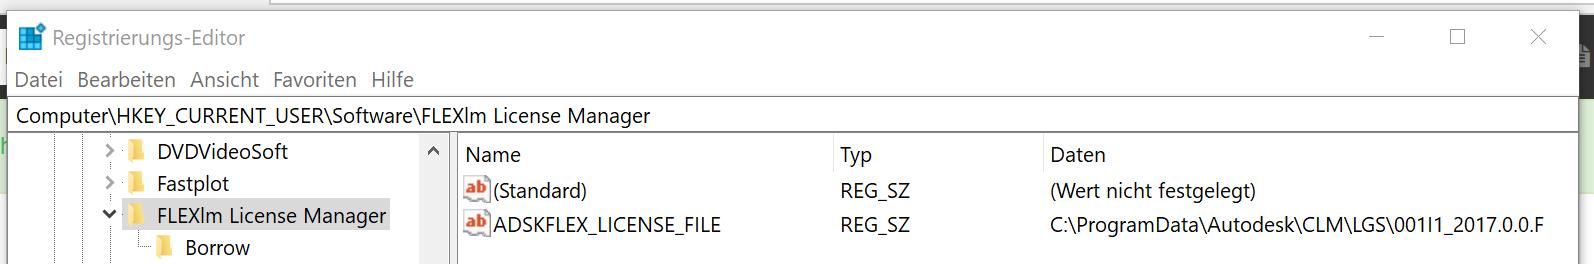 Autodesk Lizenz: Lizenz Server finden - Blog CAD-Becker de